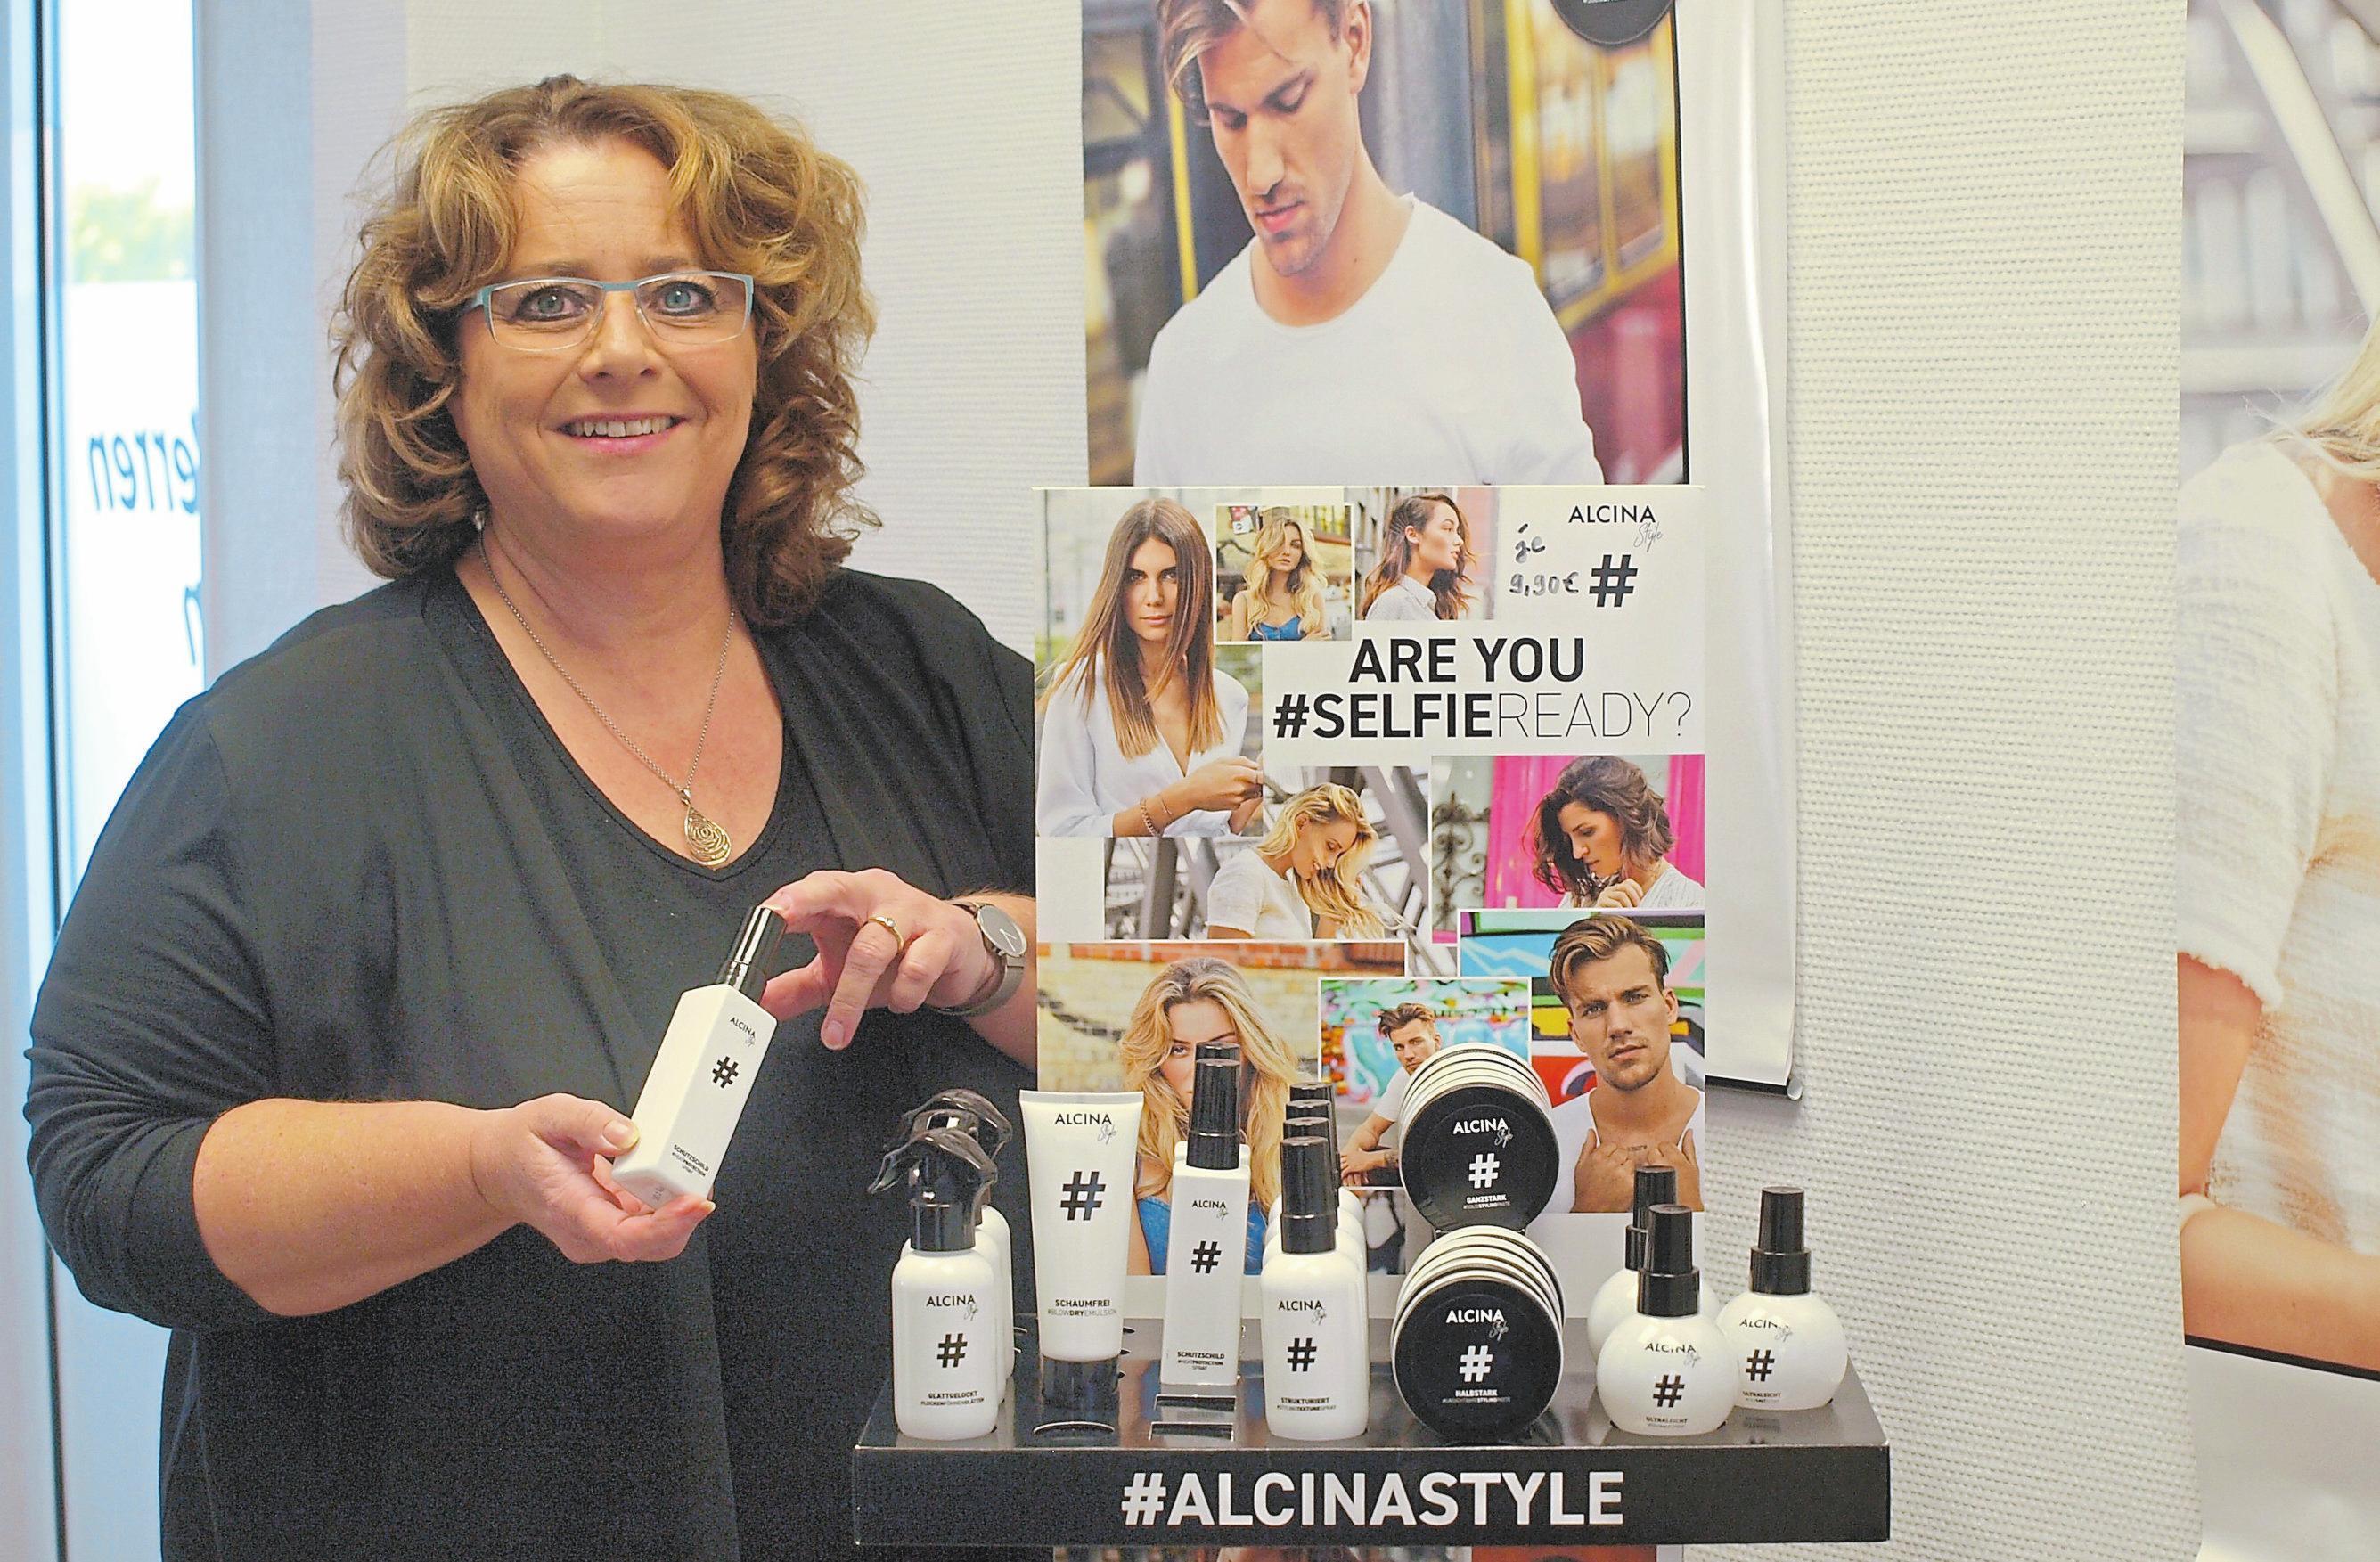 """Anja Anton präsentiert die neue Serie """"Alcina Styles"""", die sich vor allem jungen Kunden zuwendet."""